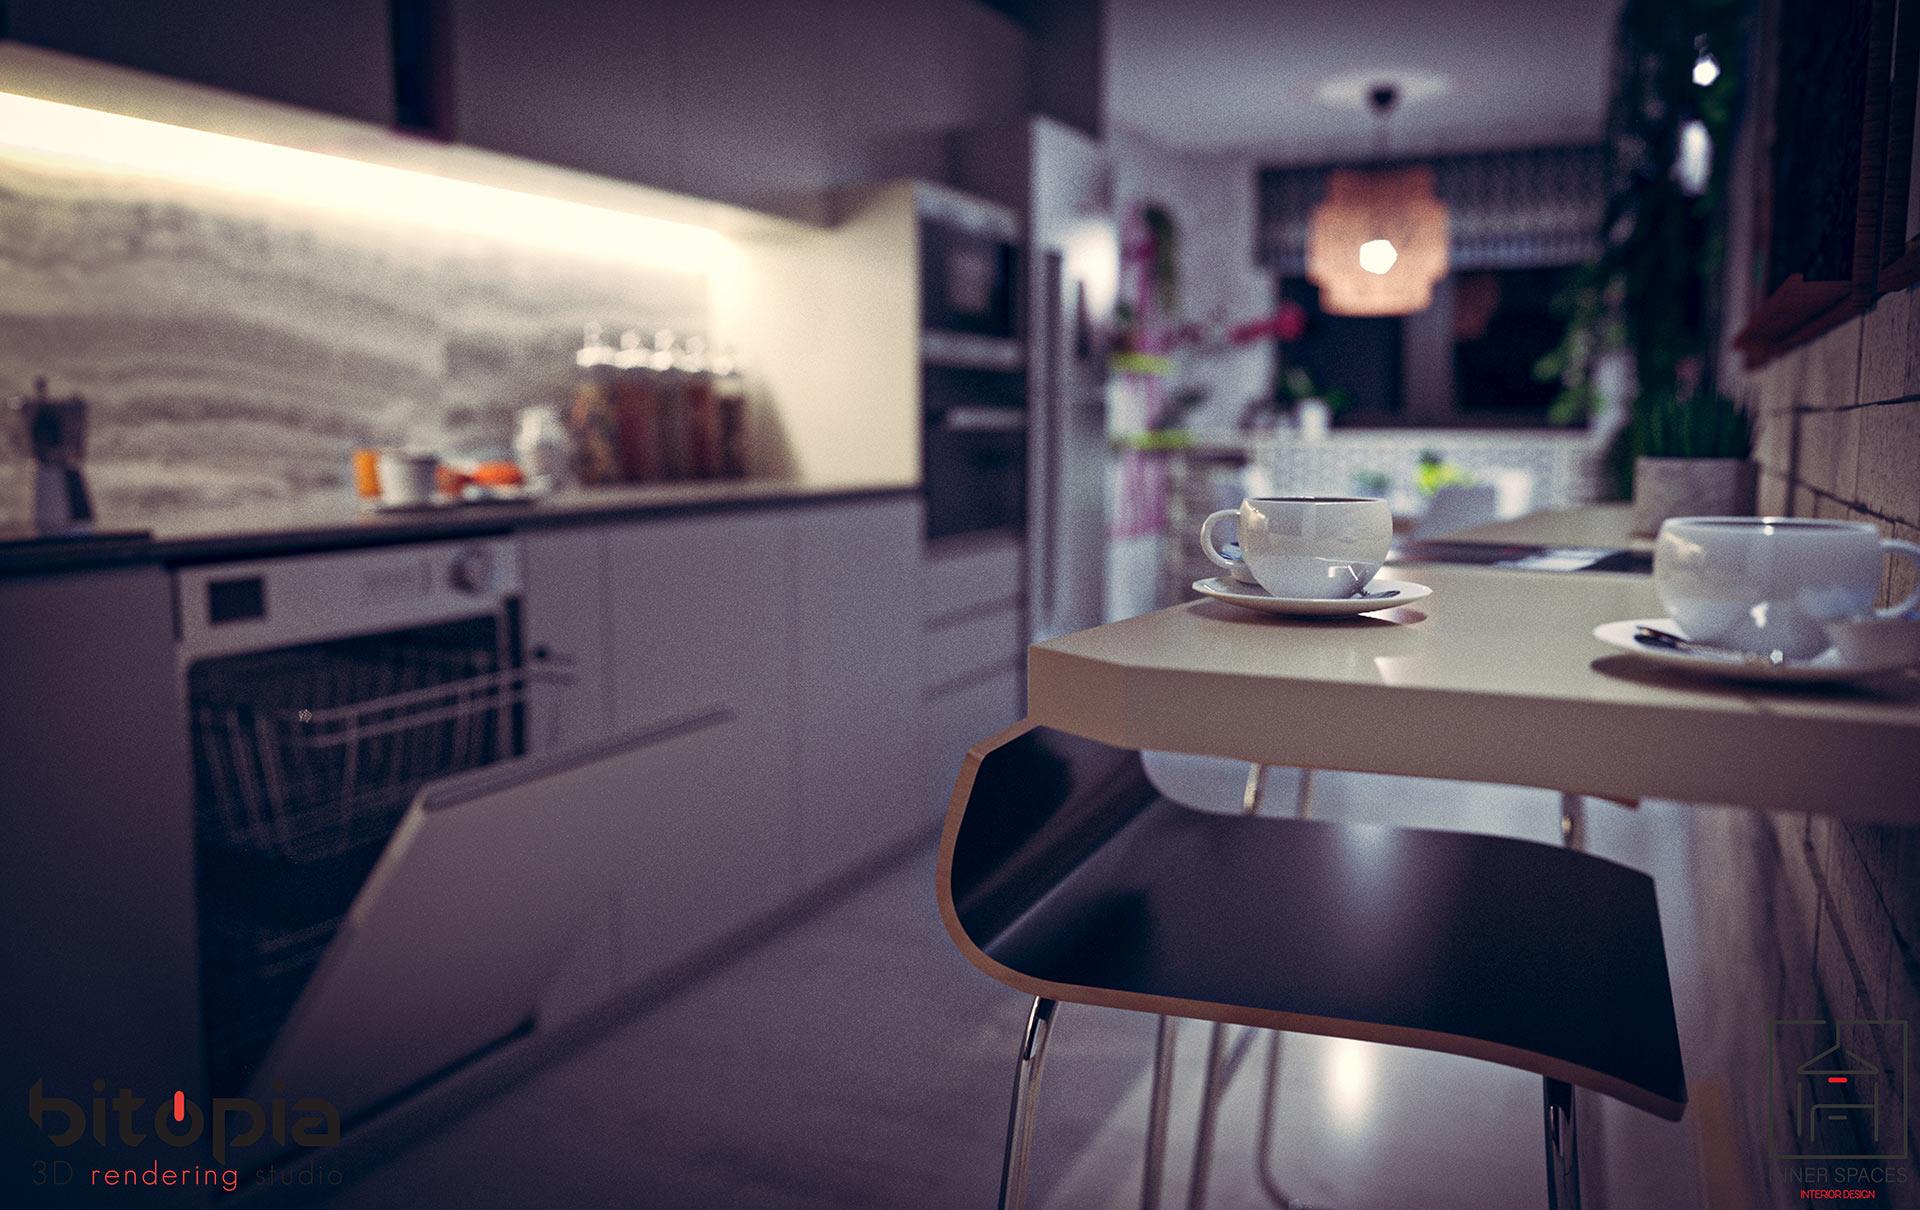 Kitchen project - Bitopia 3D rendering studio